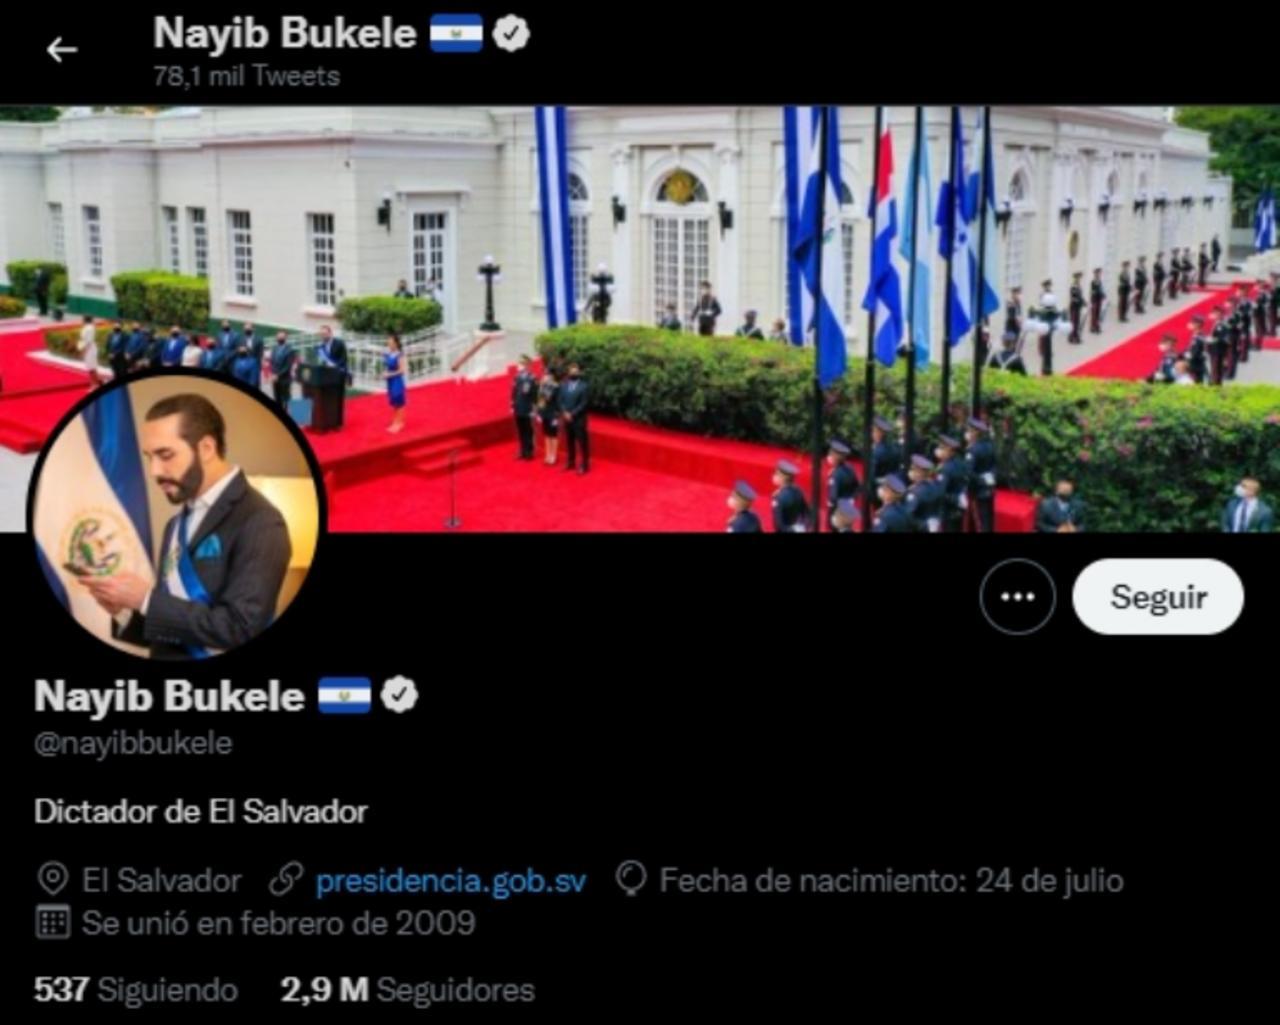 El presidente Nayib Bukele escribe en su biografía de Twitter 'dictador de El Salvador'